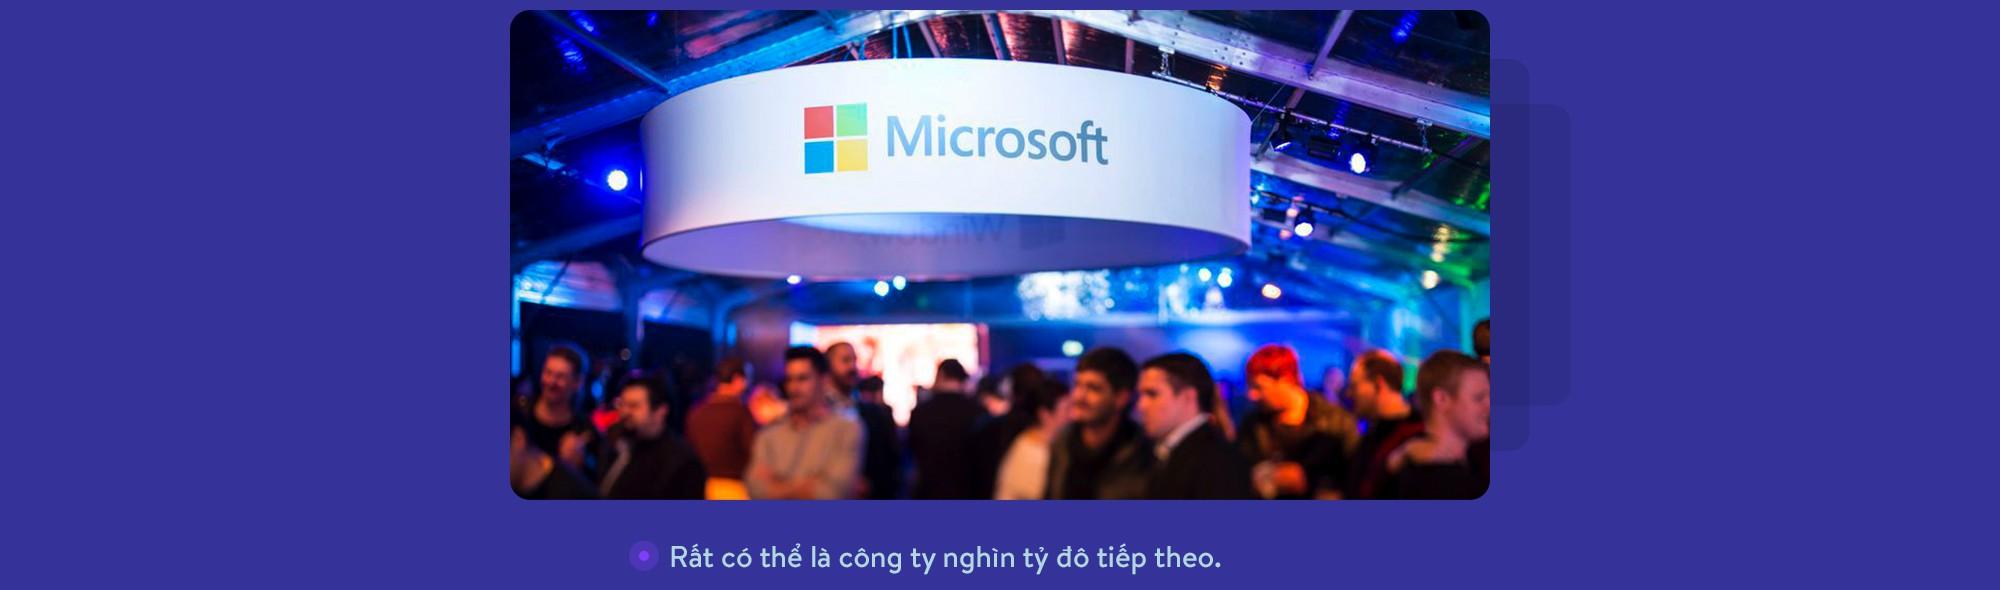 Microsoft: Rũ bỏ quá khứ bằng cách xây đường cho kẻ khác tiến vào tương lai - Ảnh 7.